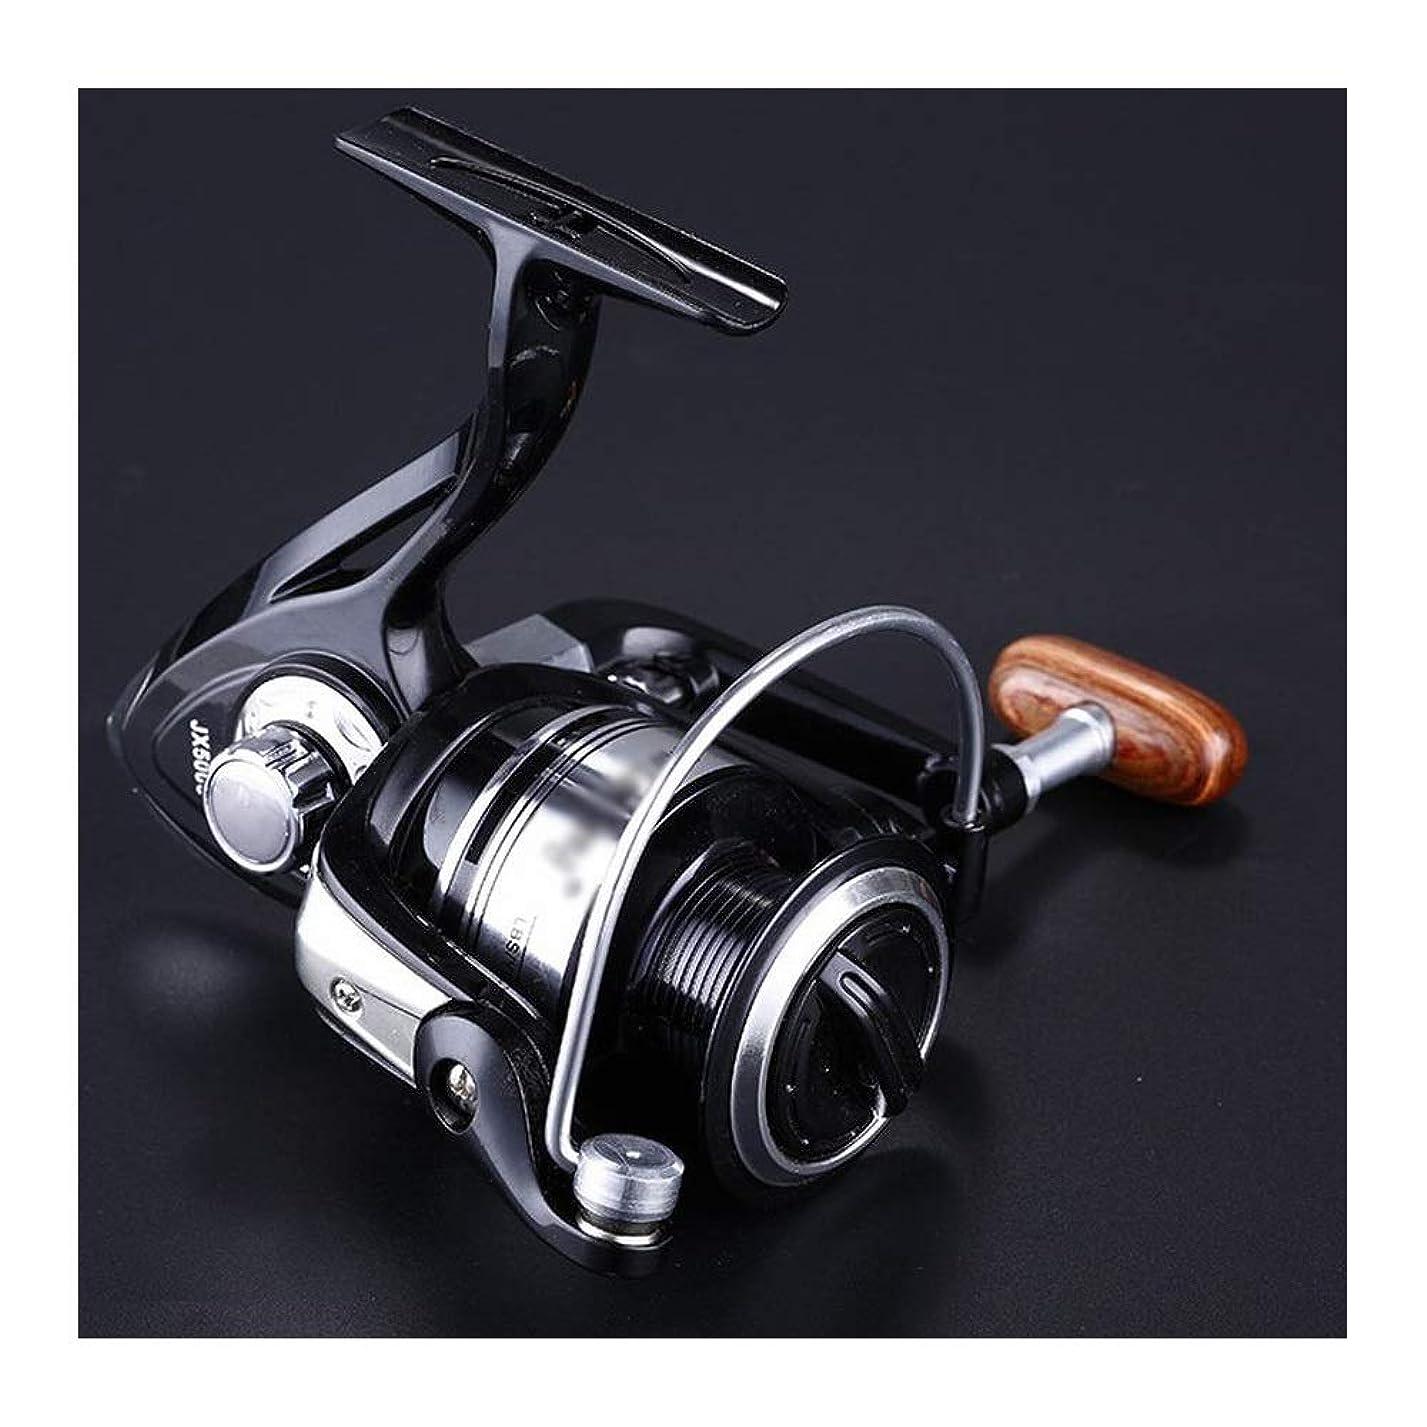 登場トーン曲がった釣りリール 釣りリールメタルヘッド釣りリール釣りリール (Size : 7000)